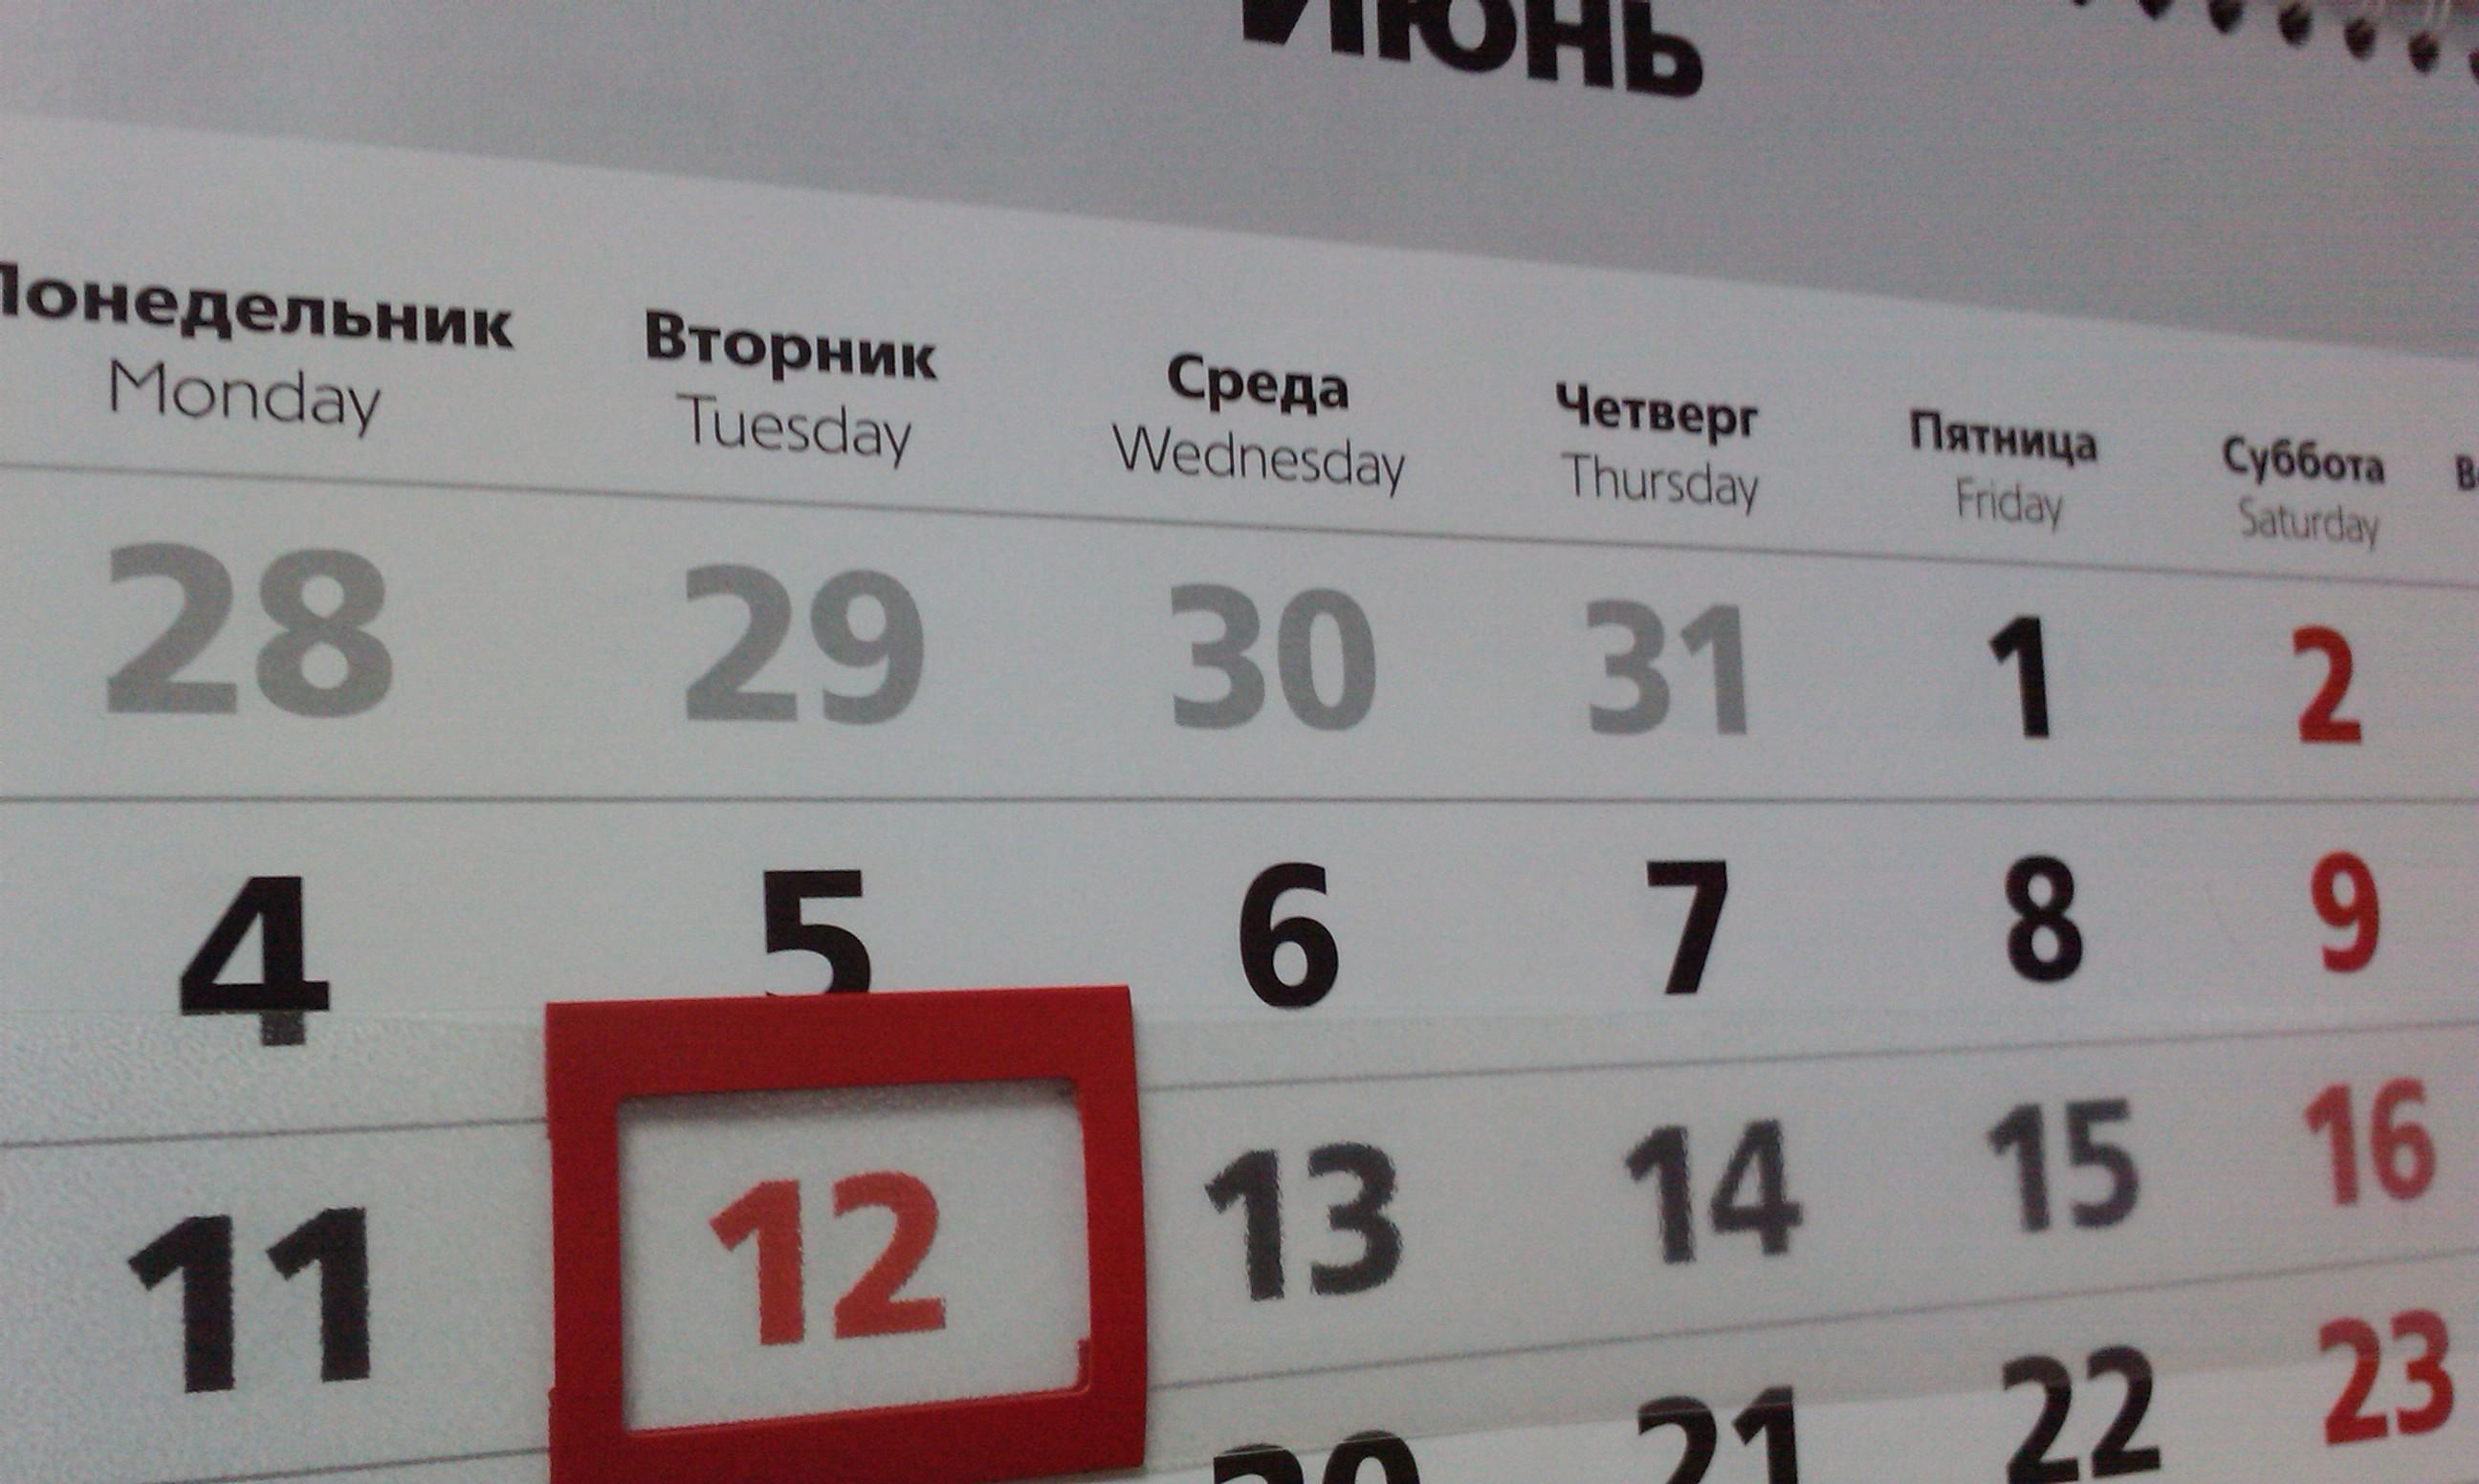 Чем грозит россиянам переход на 4-дневную рабочую неделю?